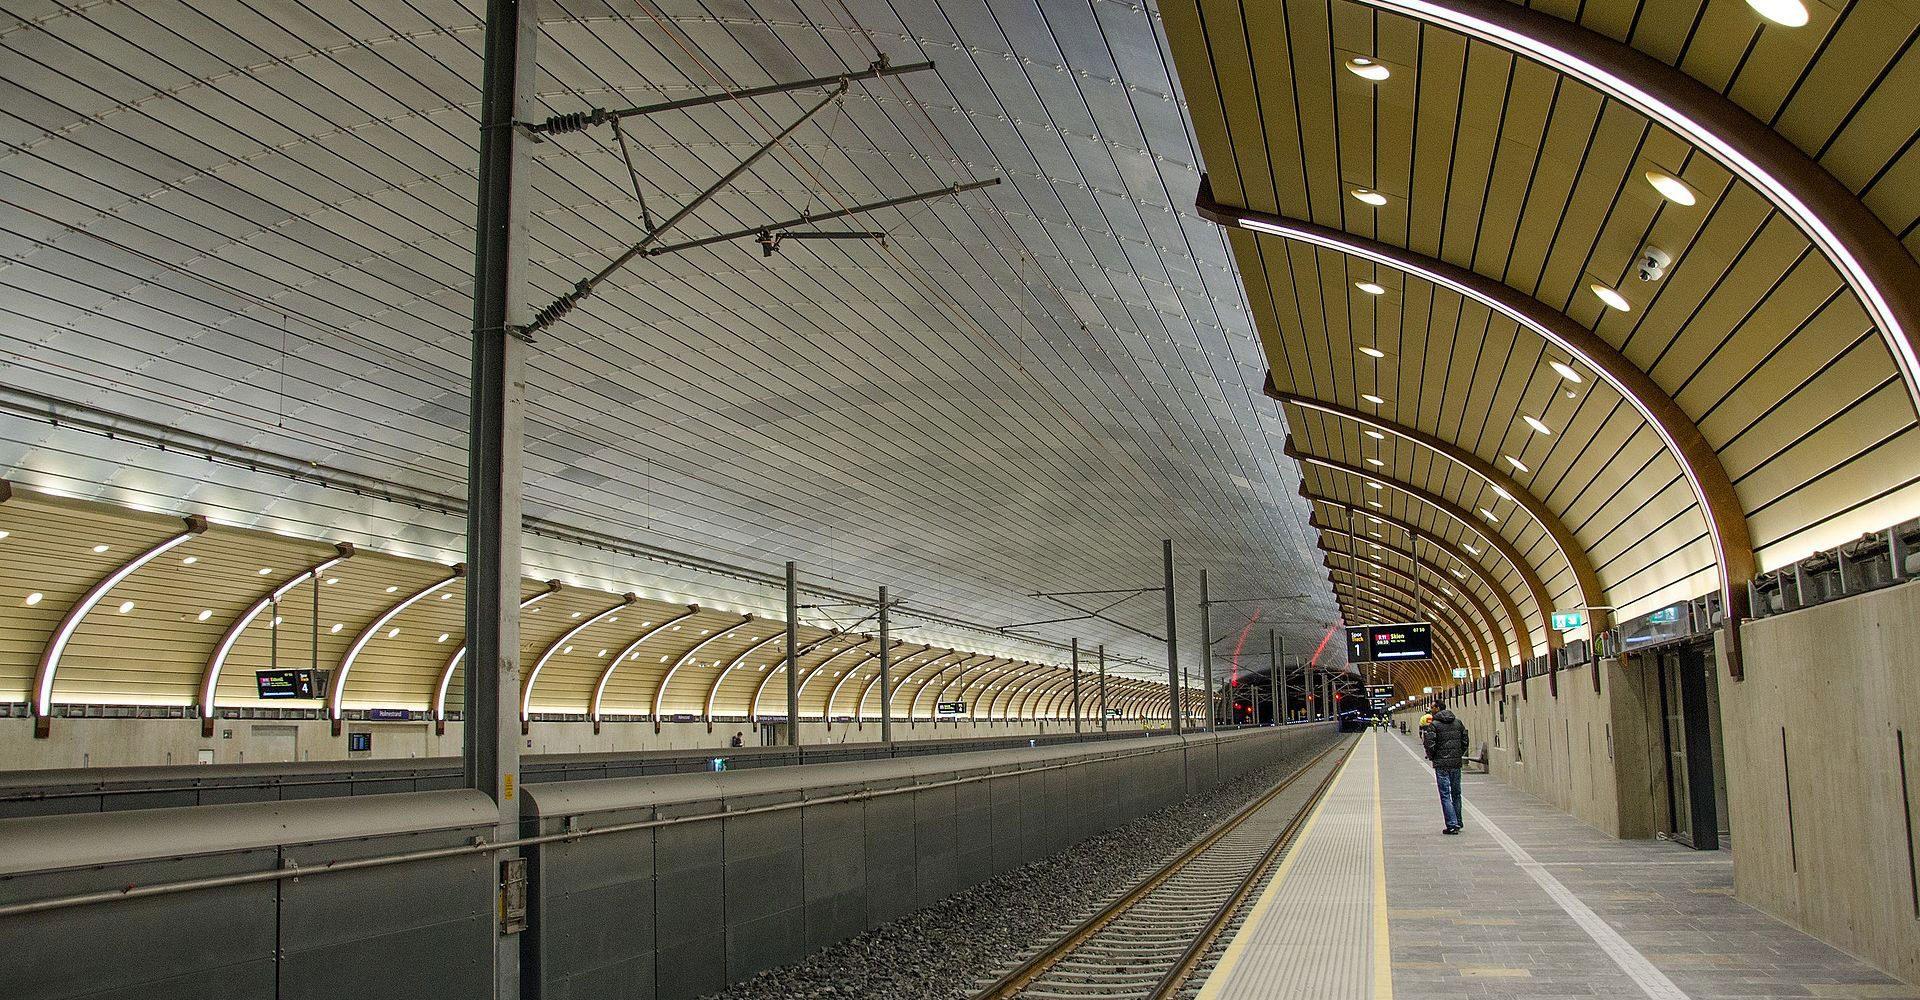 Innvendig på togstasjonen i Holmestrand. Foto.